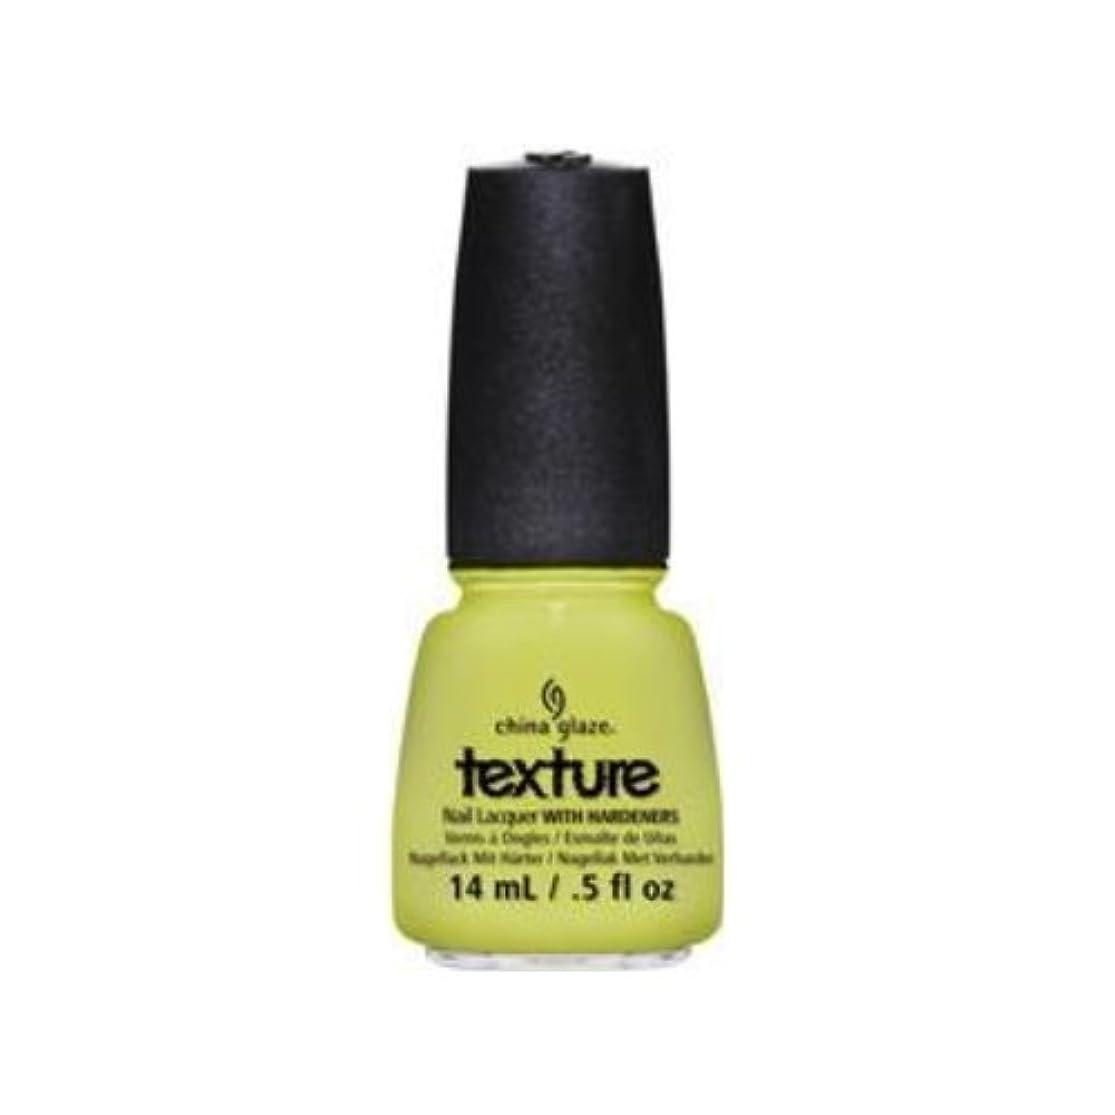 ホスト地雷原トラブル(6 Pack) CHINA GLAZE Texture Nail Lacquers - In The Rough (並行輸入品)